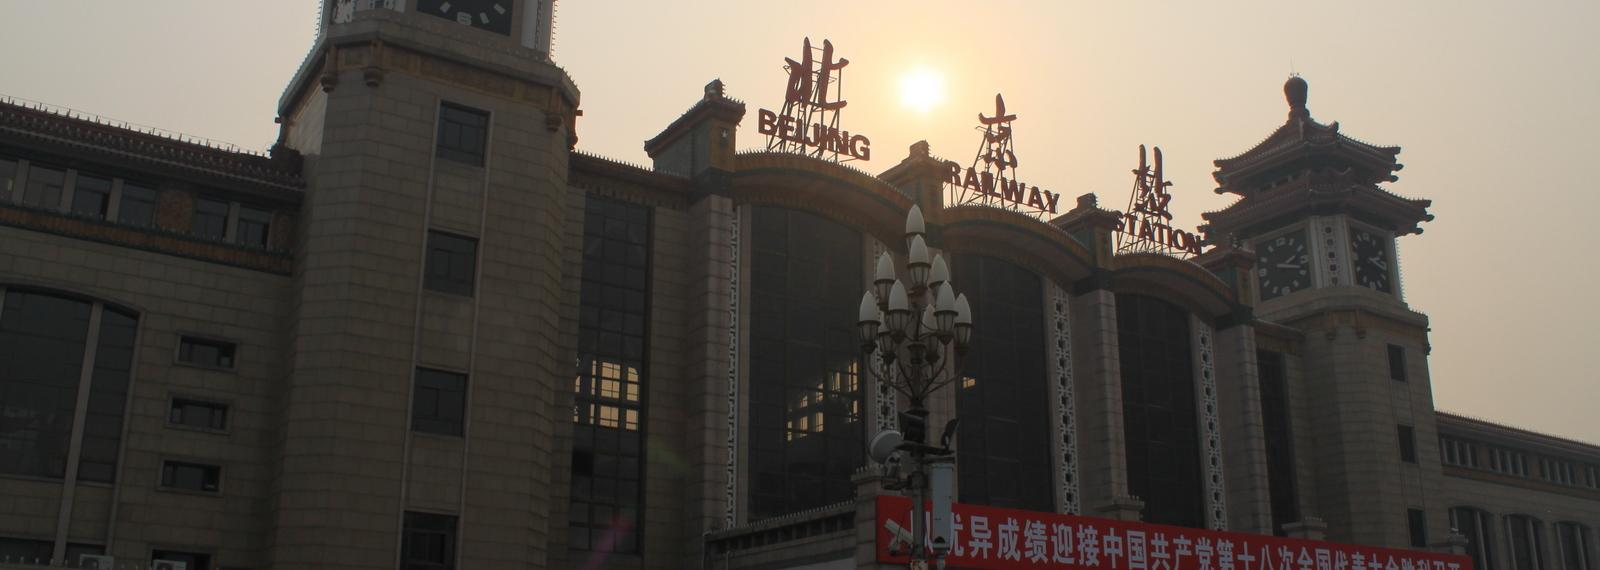 Station, Beijing